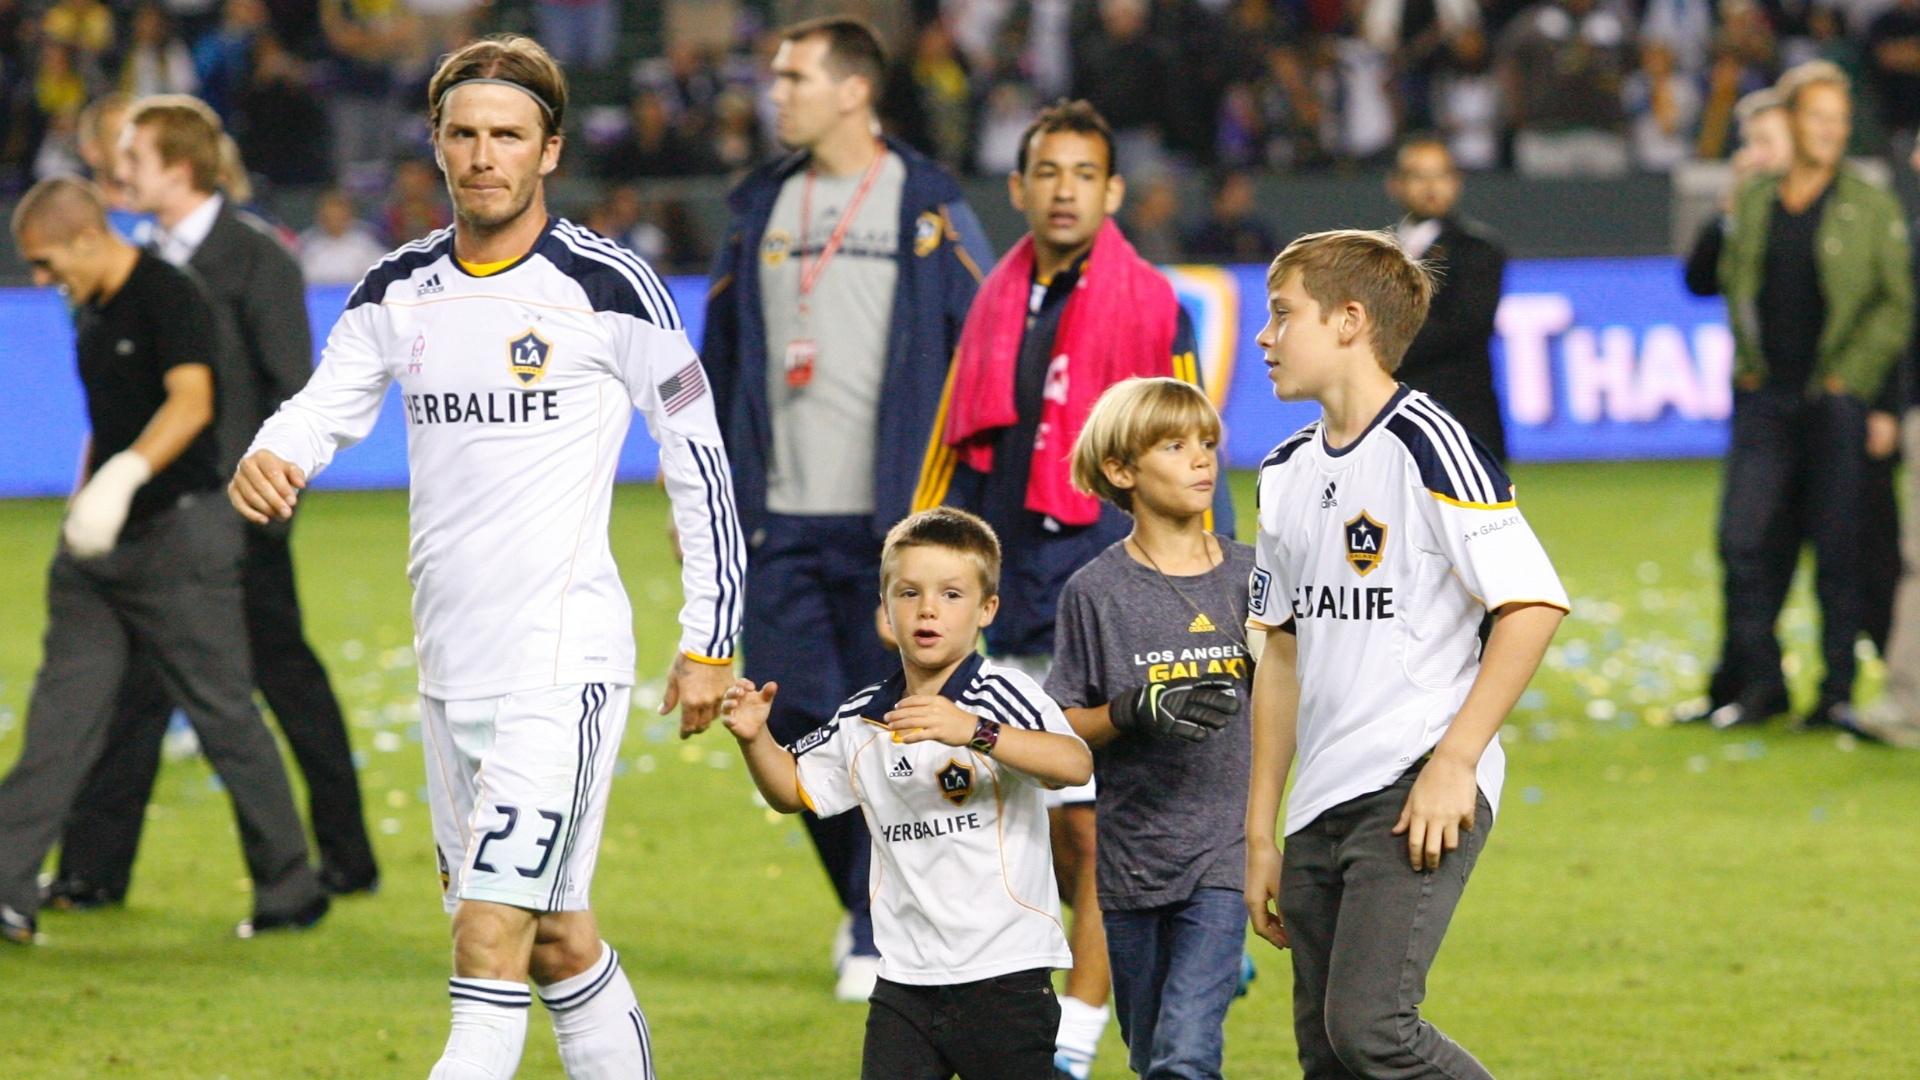 David Beckham desfila com os filhos pelo estádio (16/10/2011)